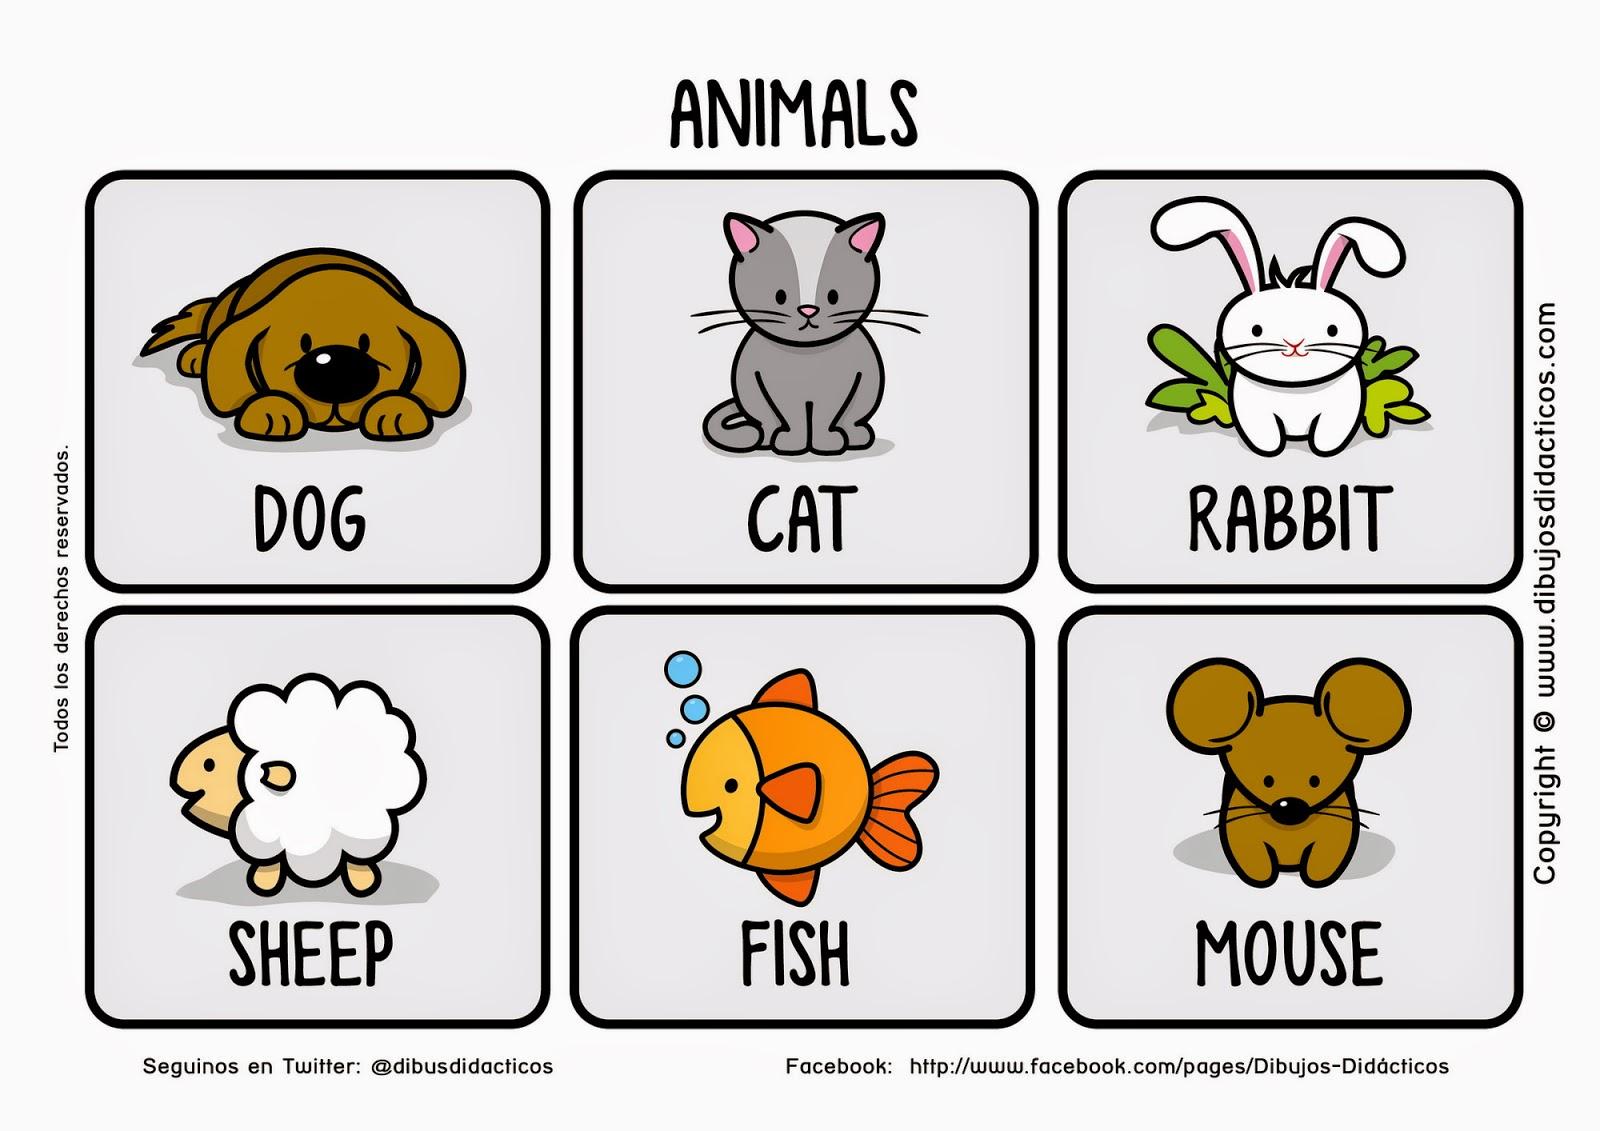 Todos Los Animales En Ingles Top Viernes De Febrero De